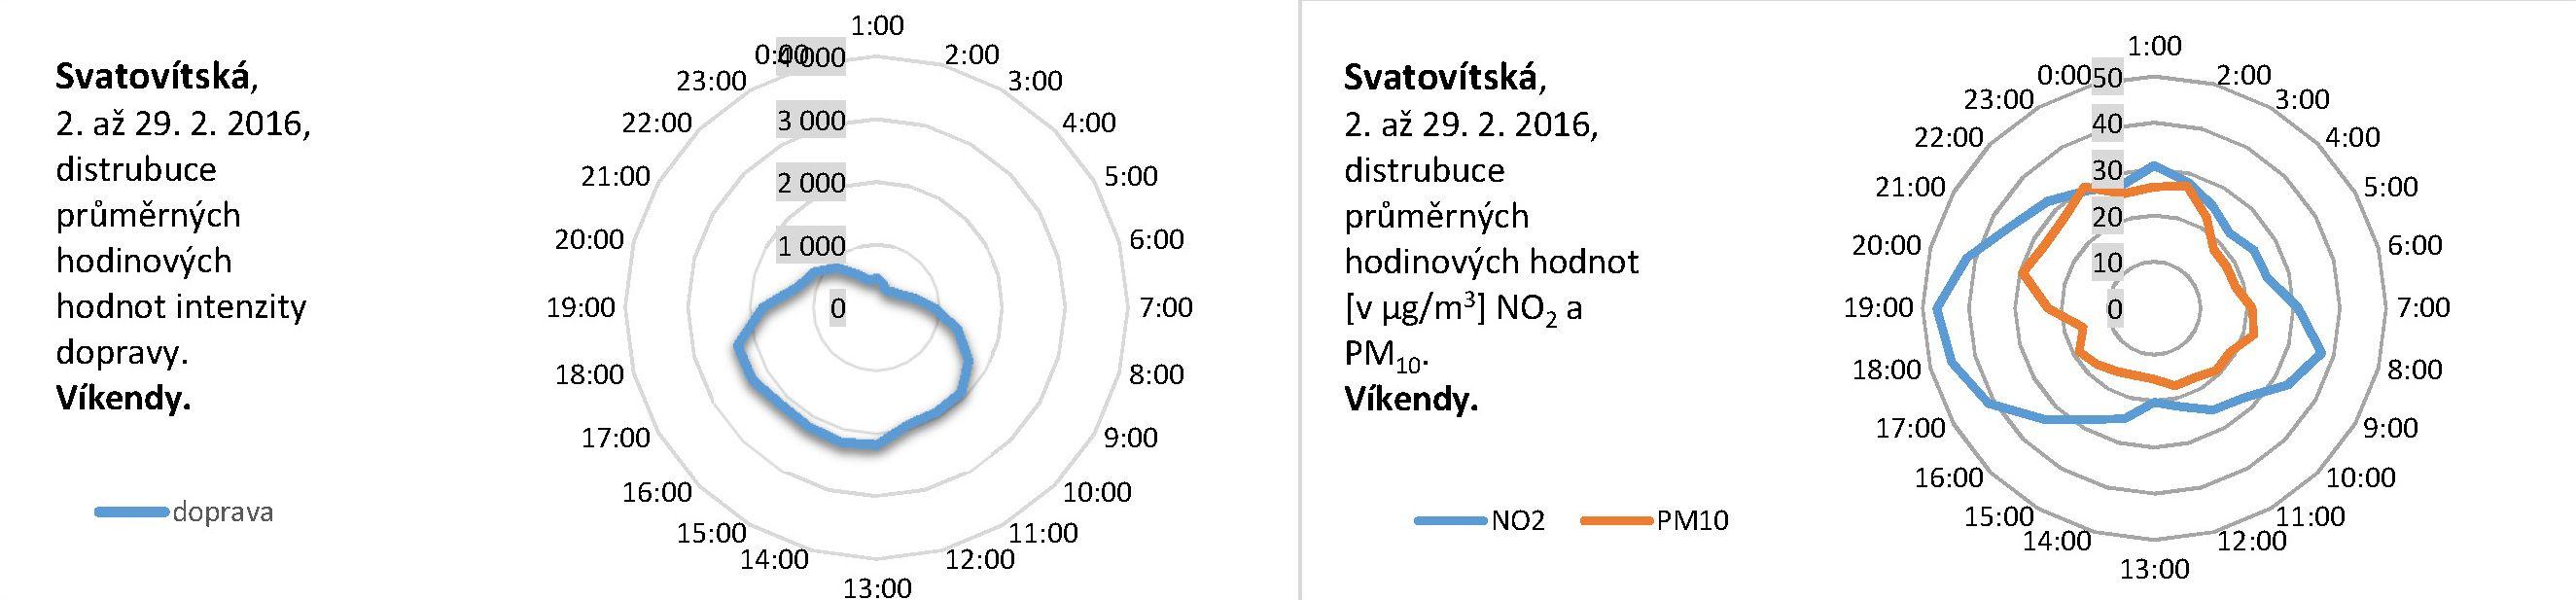 Svatovítská - 02.2016 - distribuce víkend